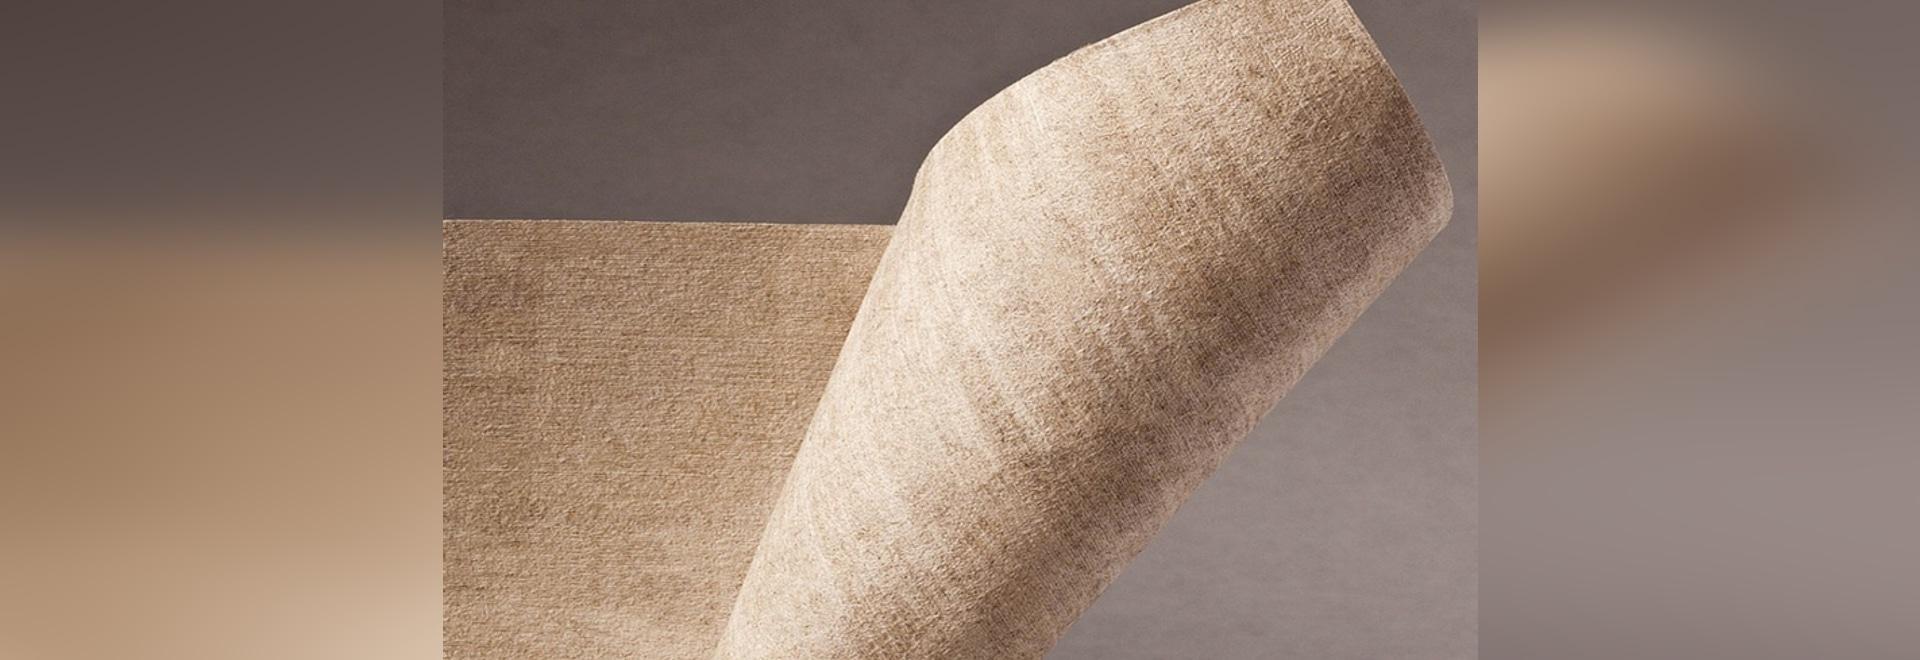 Flax composite (Courtesy of Norafin)